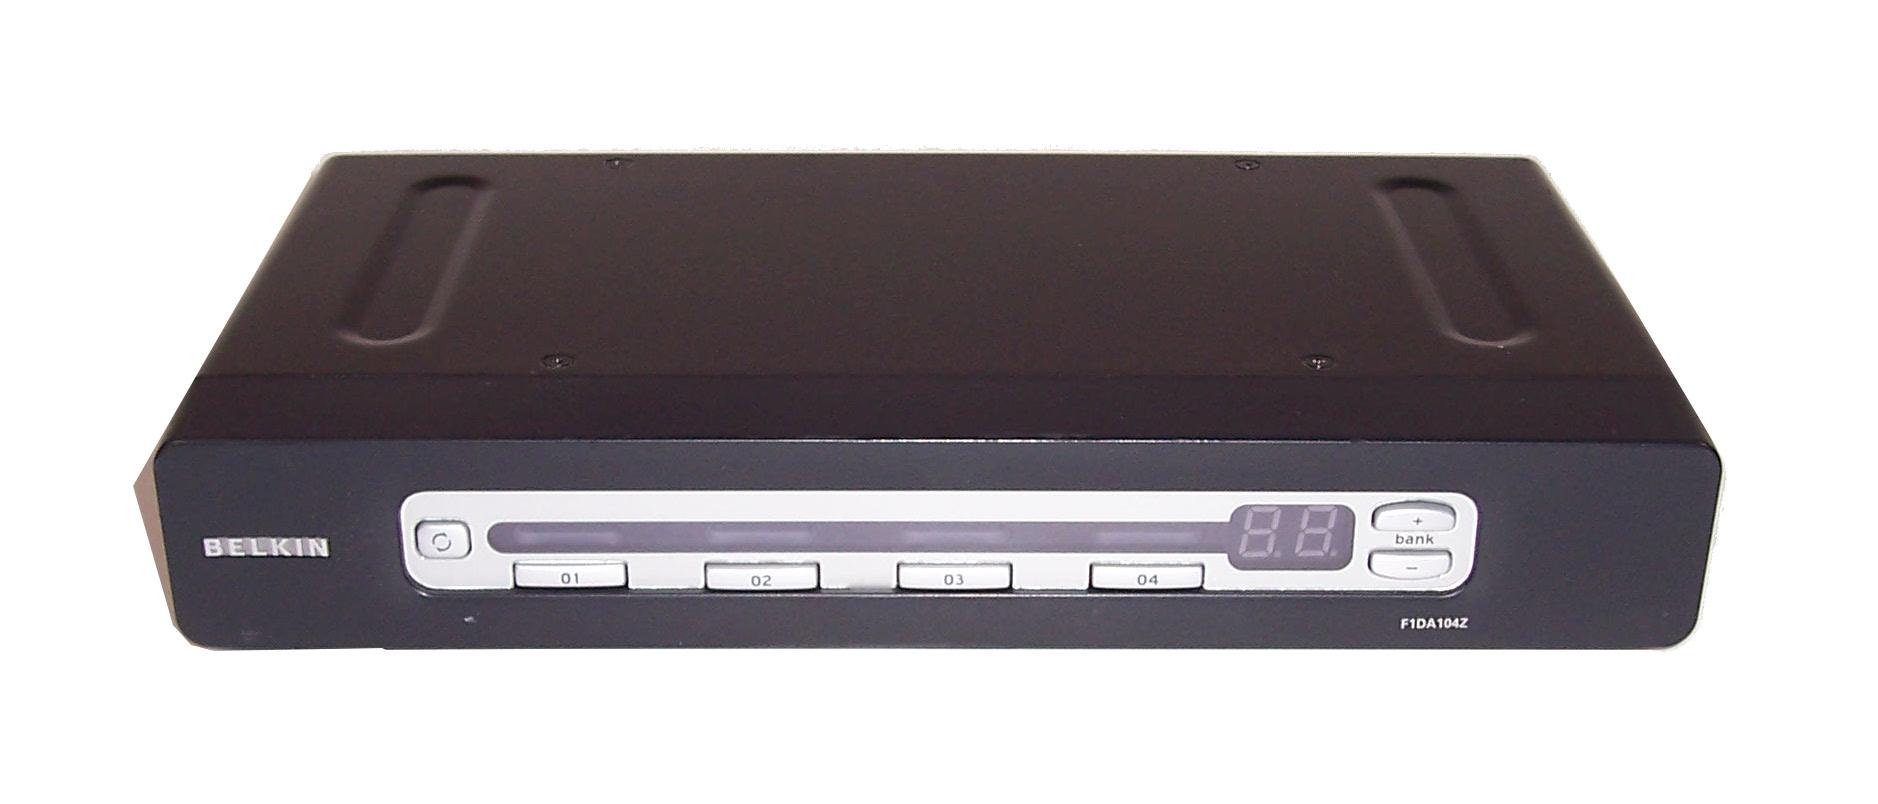 belkin 4 port kvm switch manual